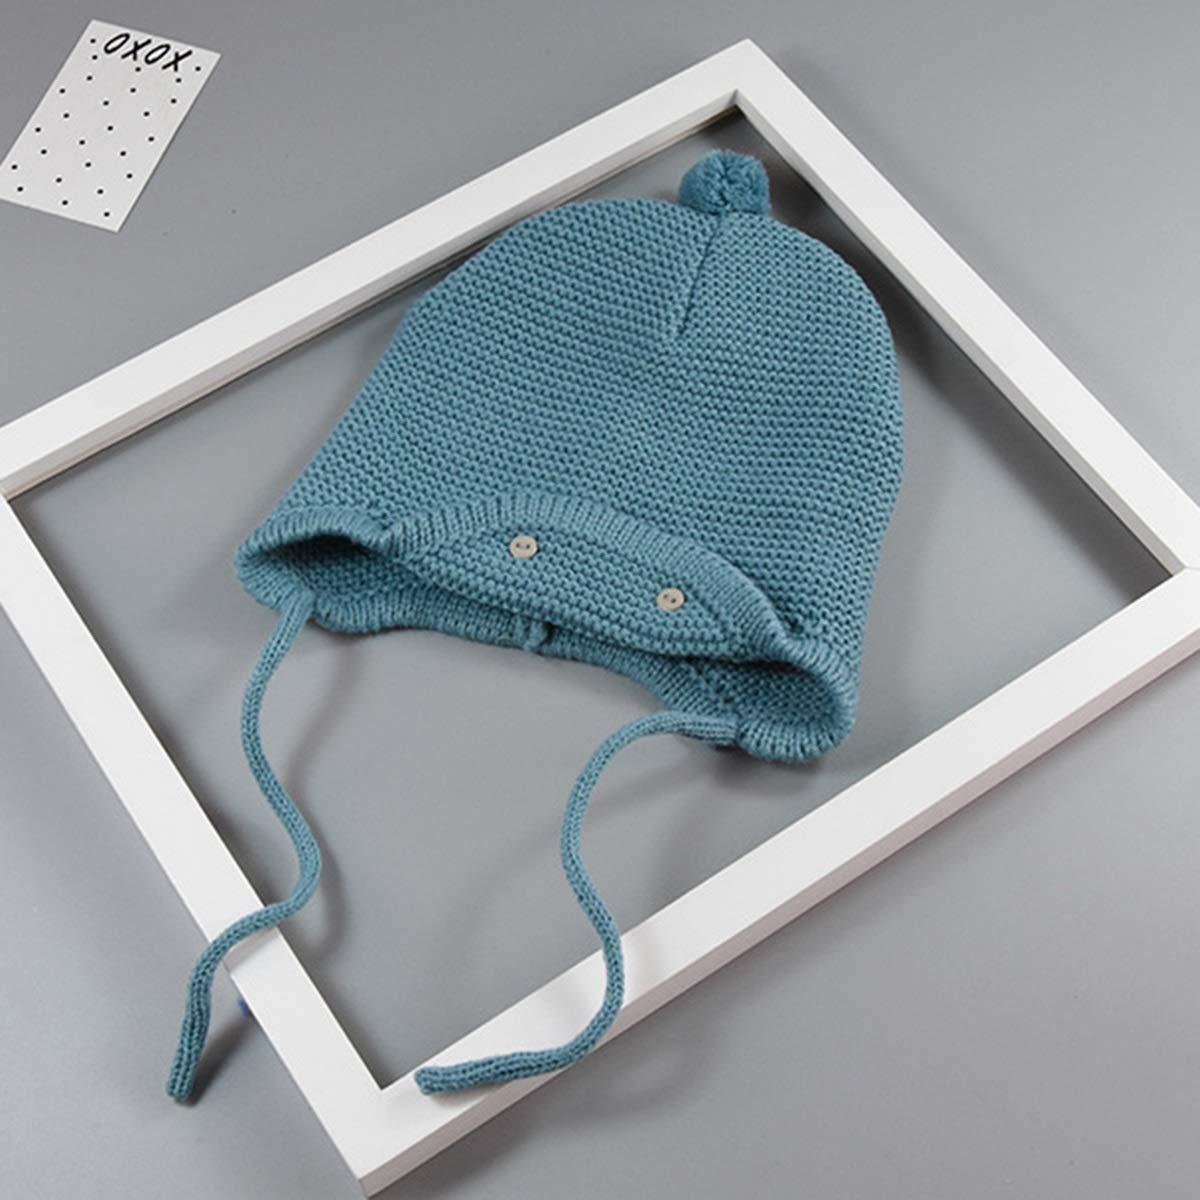 puseky Baby Hats and Scarfs Infant Boys Girls Pom Pom Knit Winter Warm Beanie Cap /& Scarf Neckwarmer Set